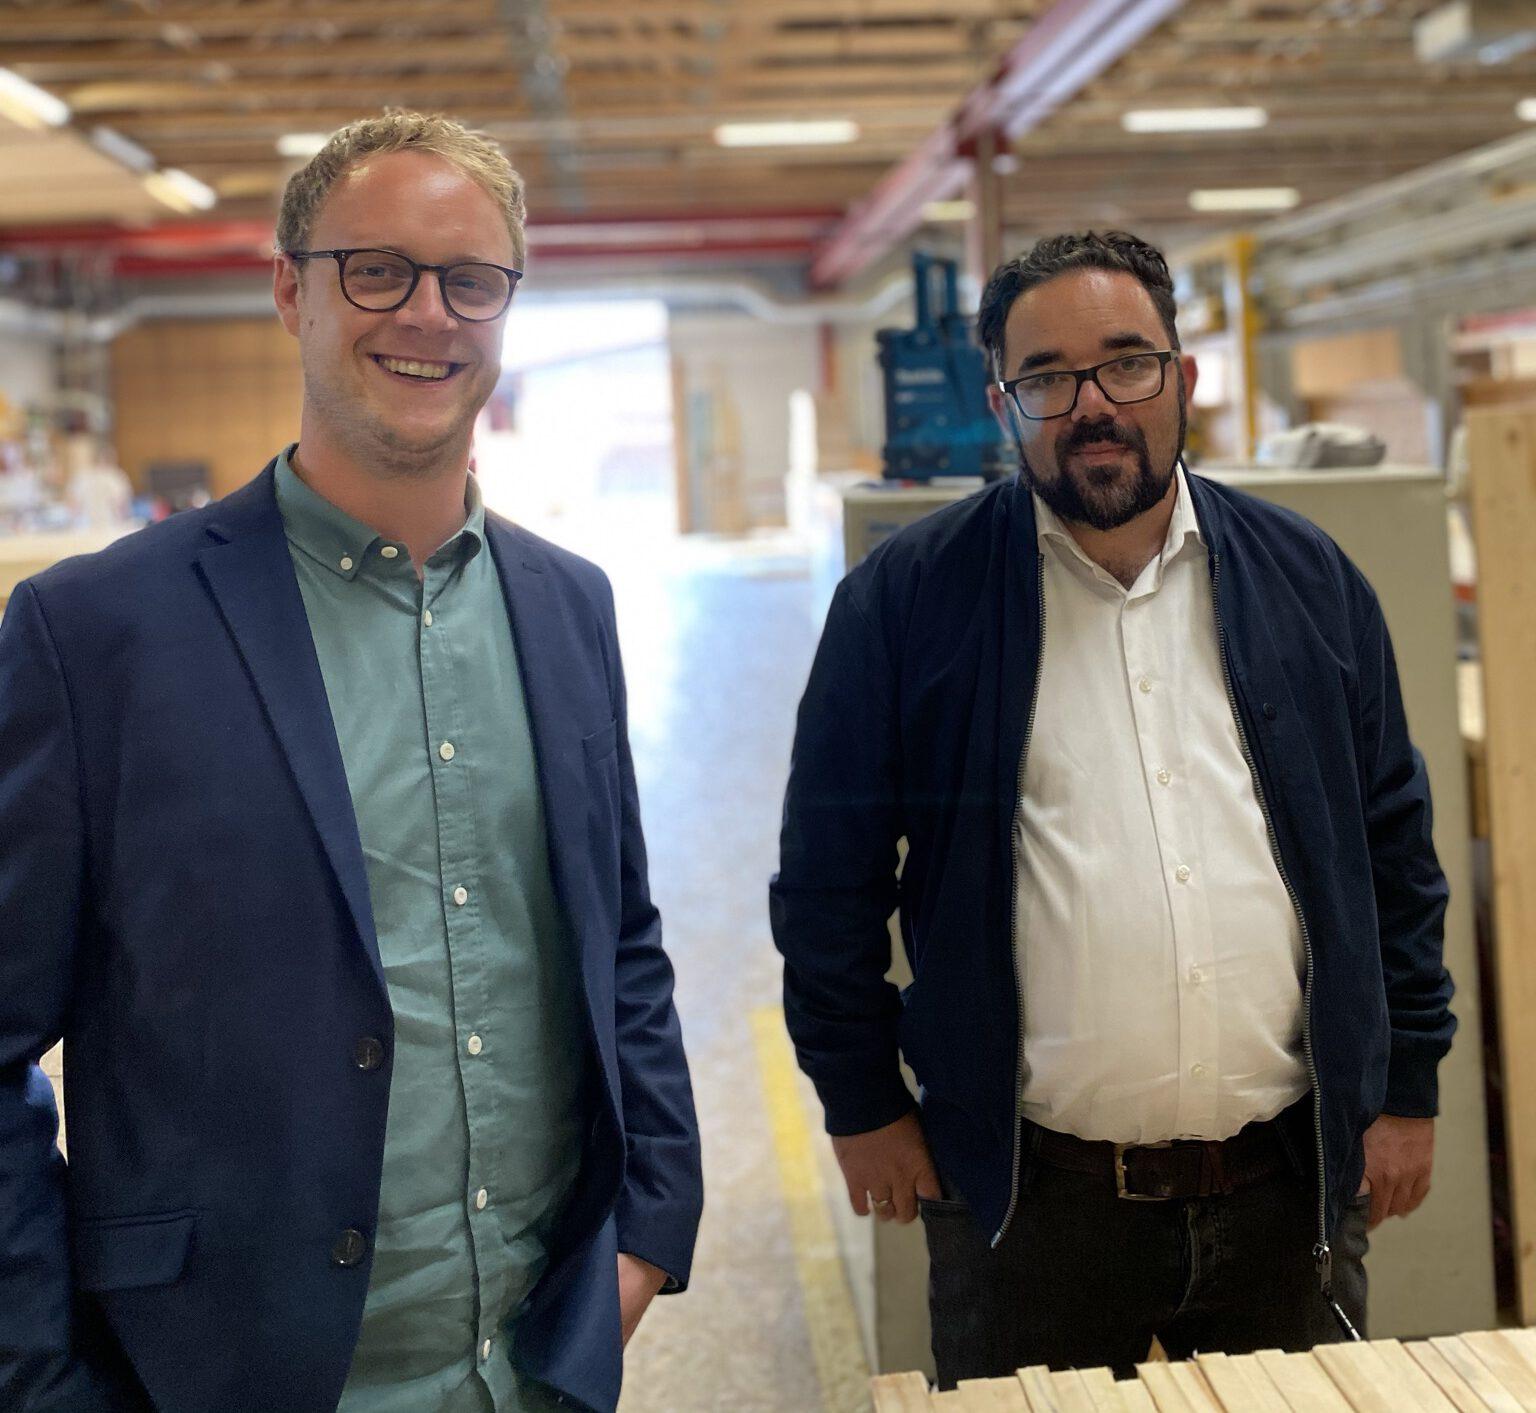 Marcel Emmerich und Christian Kühn stehen in einer Produktionshalle für Holzbauelemente.